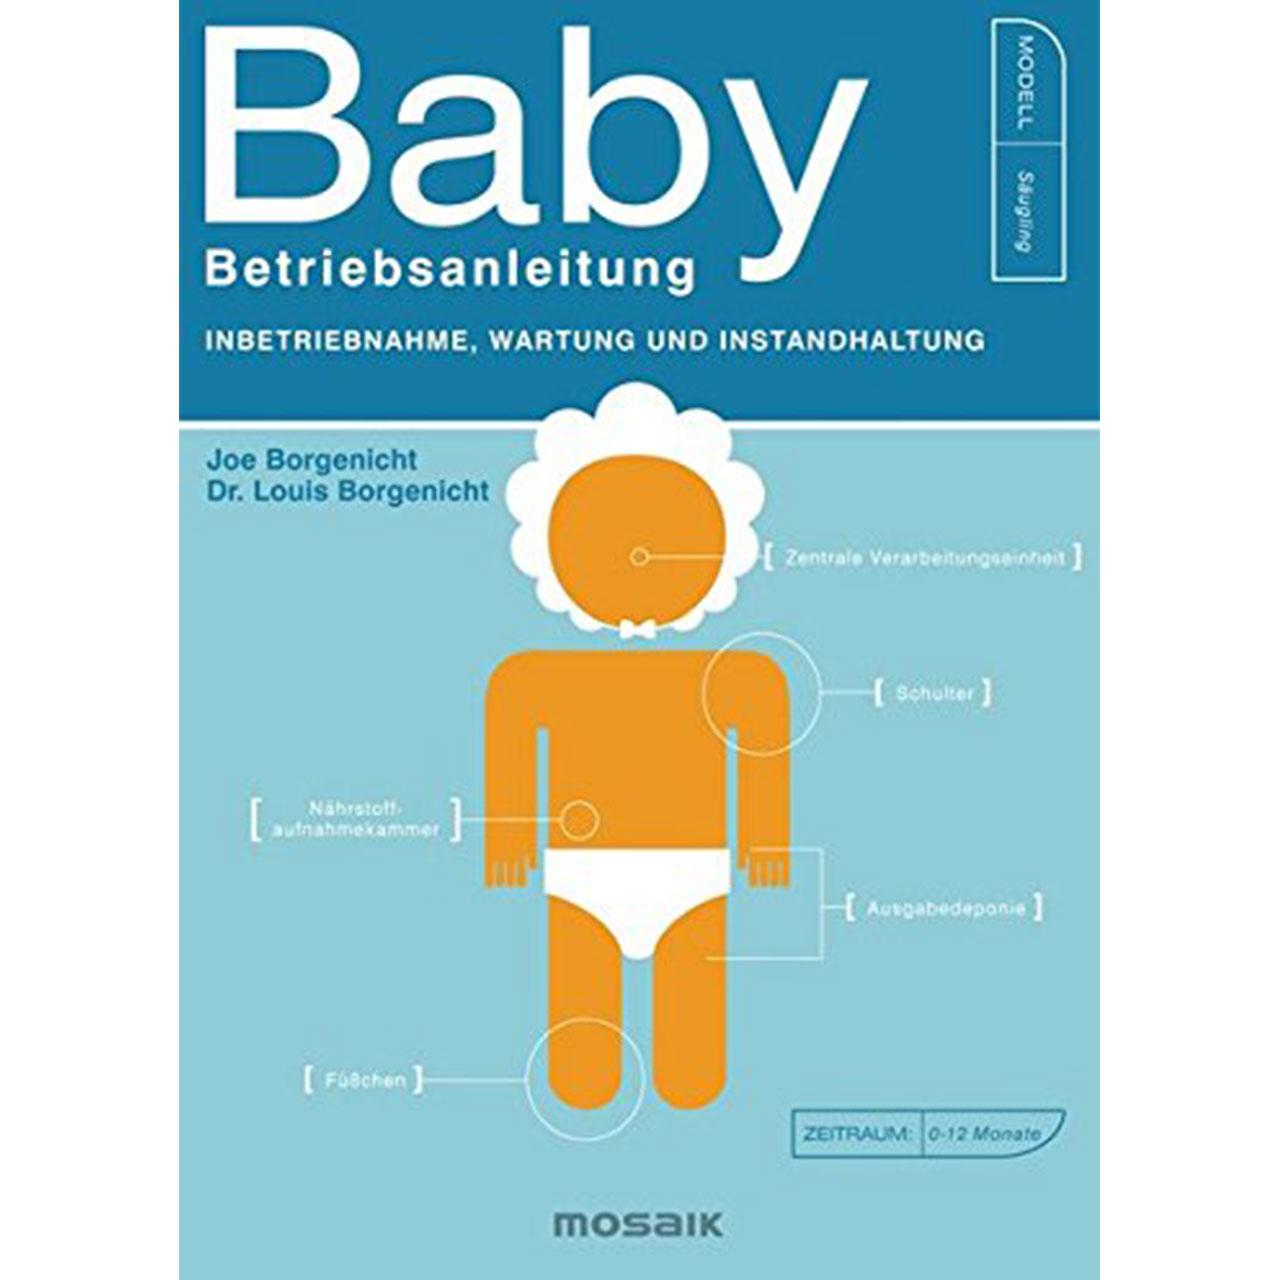 Baby-Betriebsanleitung